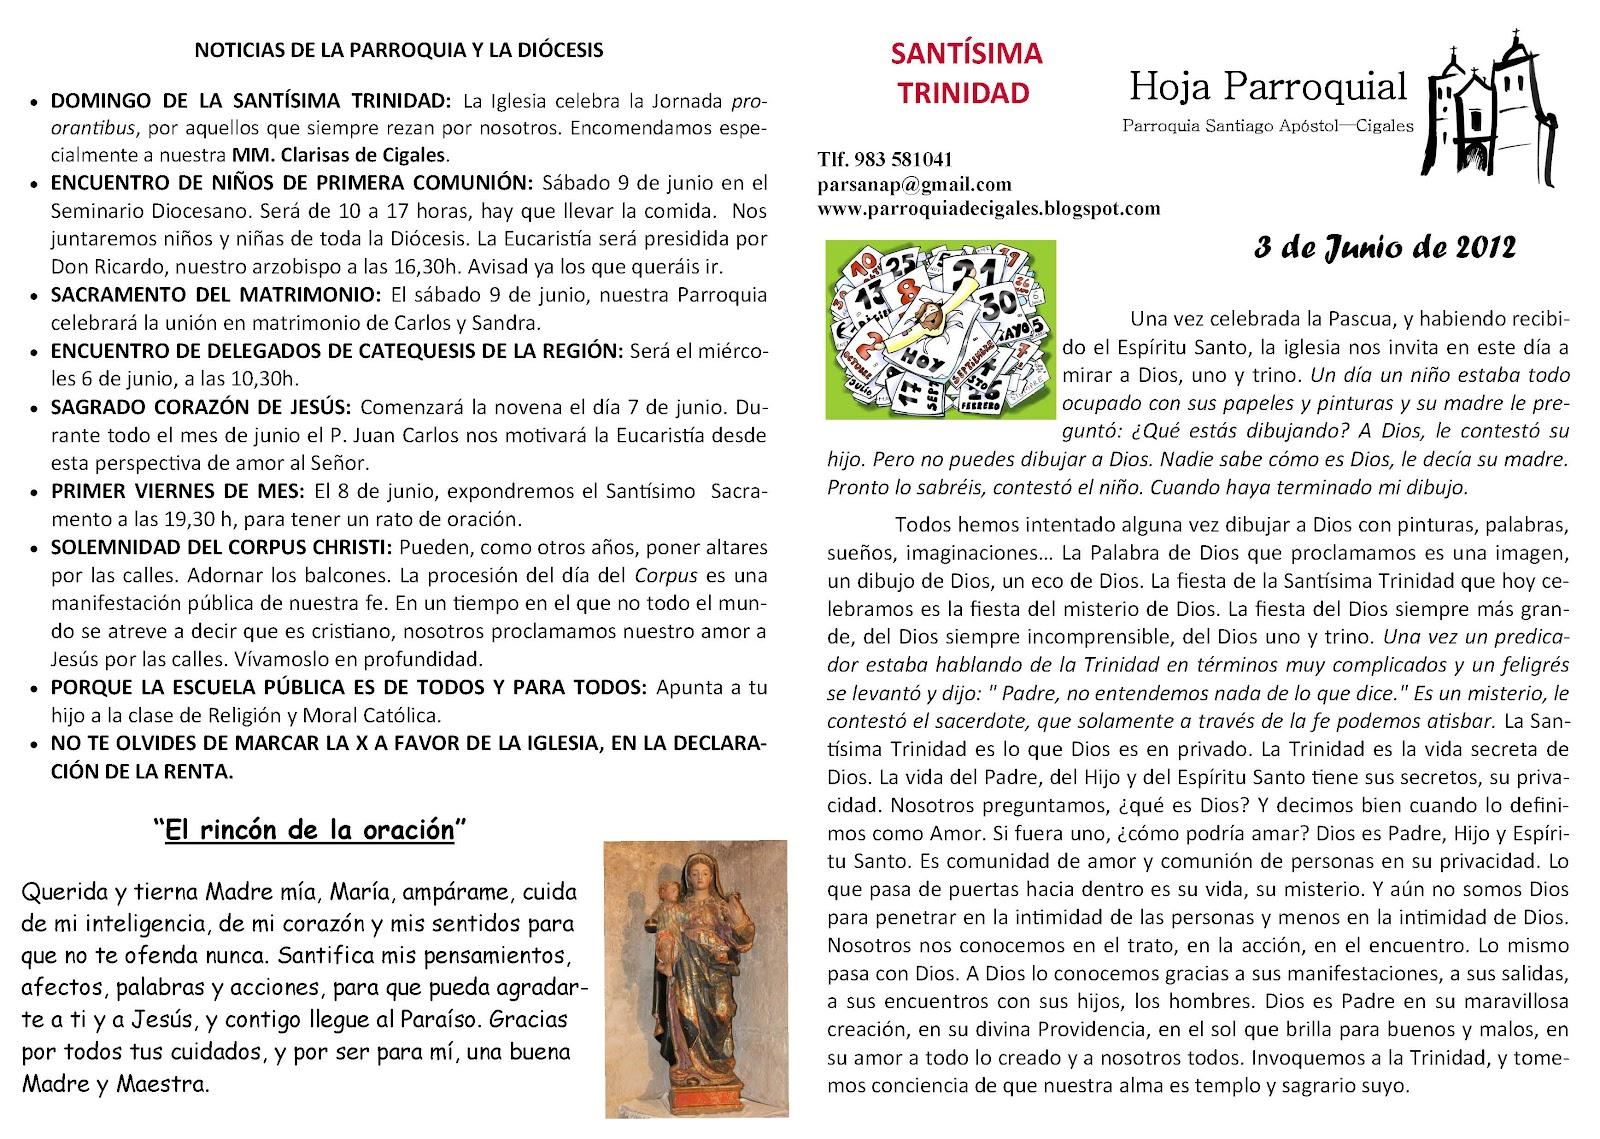 Parroquia santiago ap stol de cigales hoja parroquial for Oficina 0049 banco santander